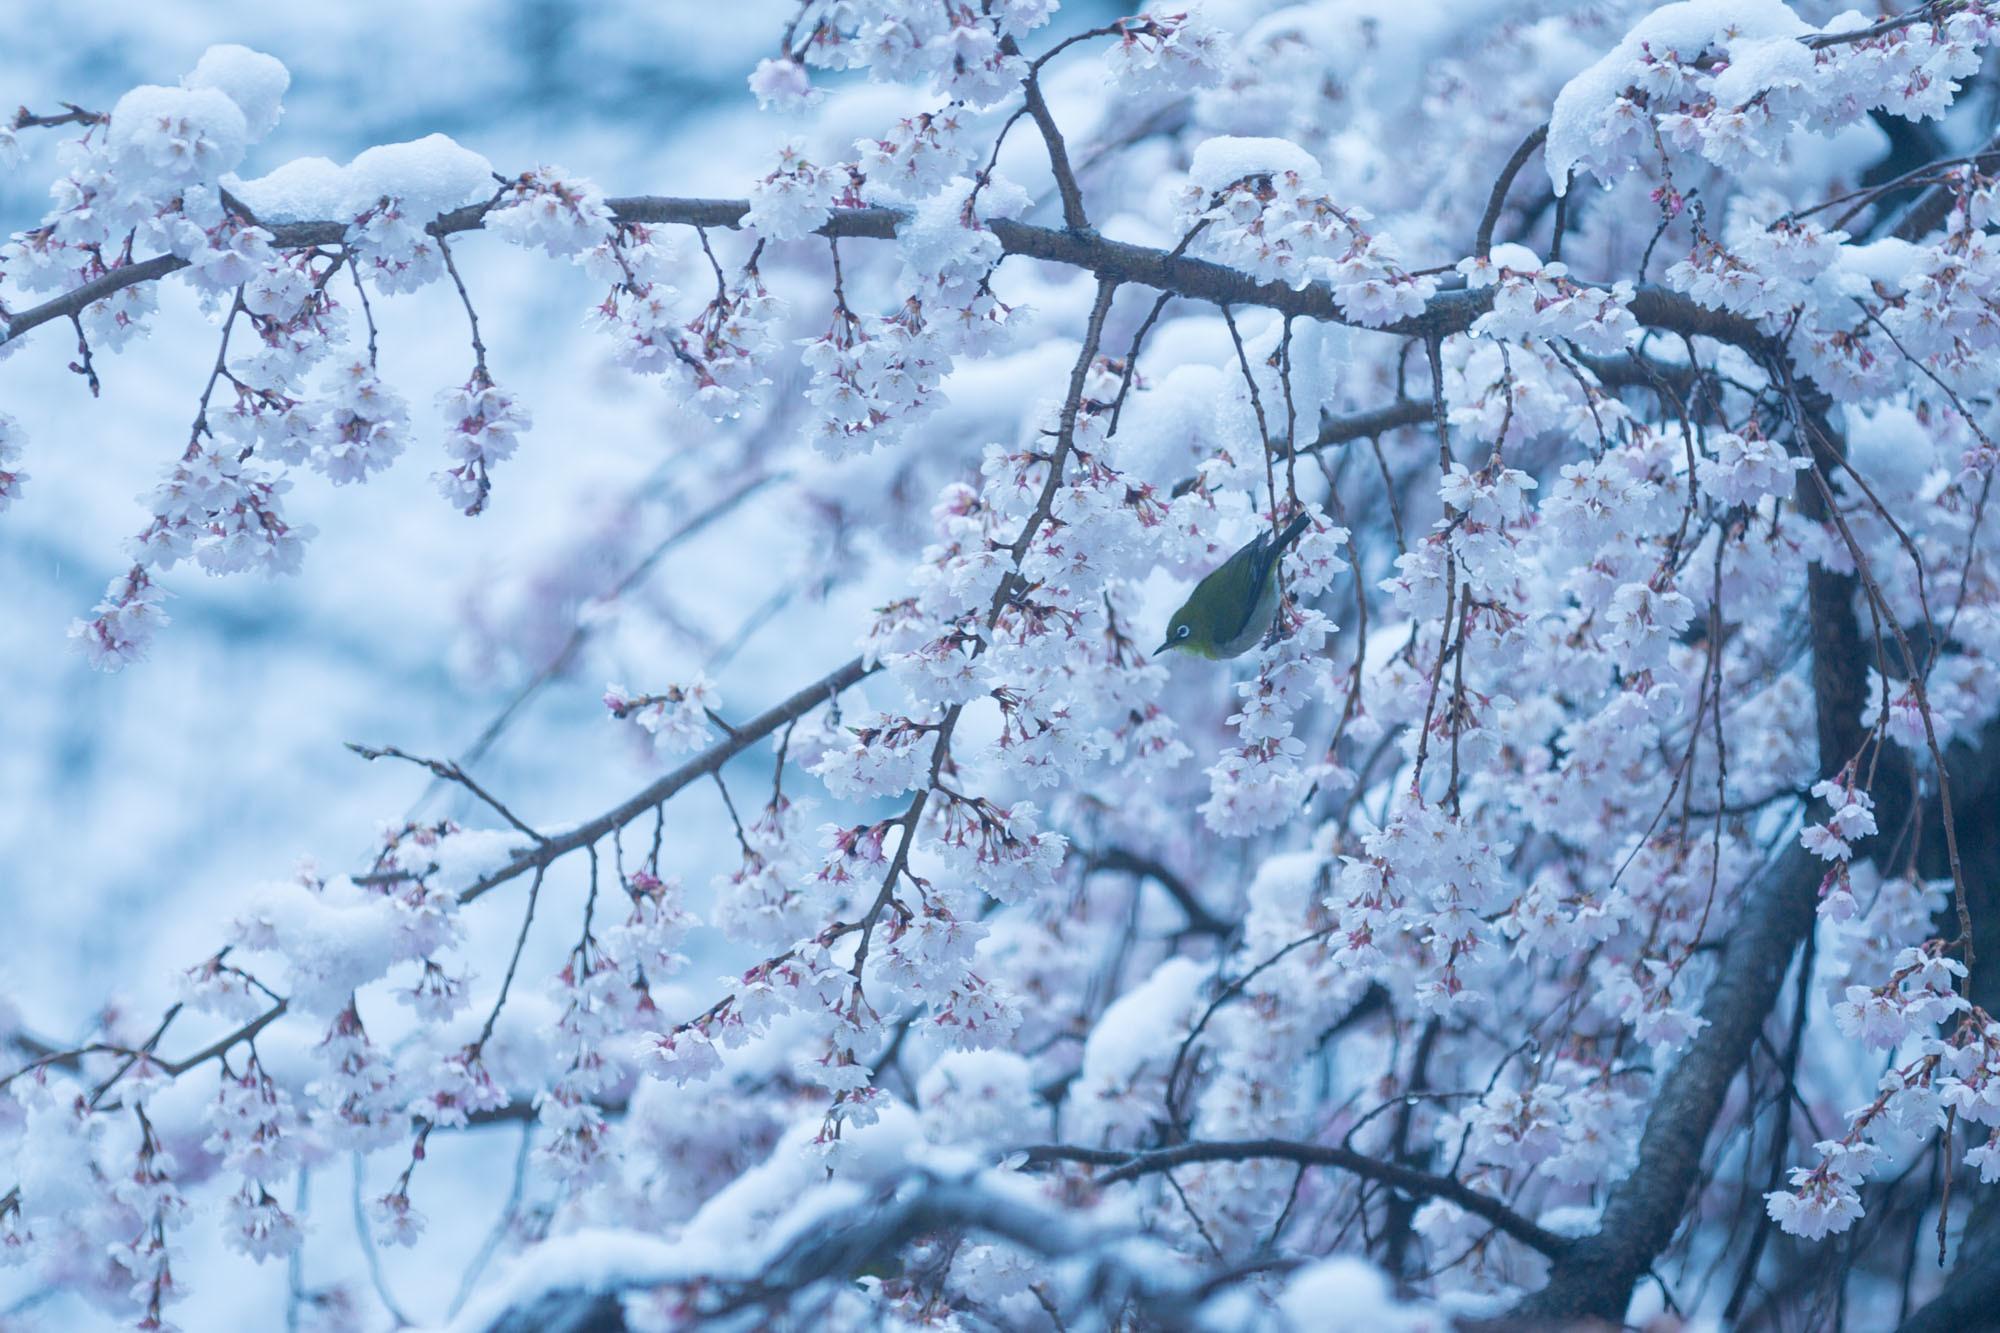 なごり雪の窓辺~あがたの森の枝垂桜~_d0349418_20534517.jpg